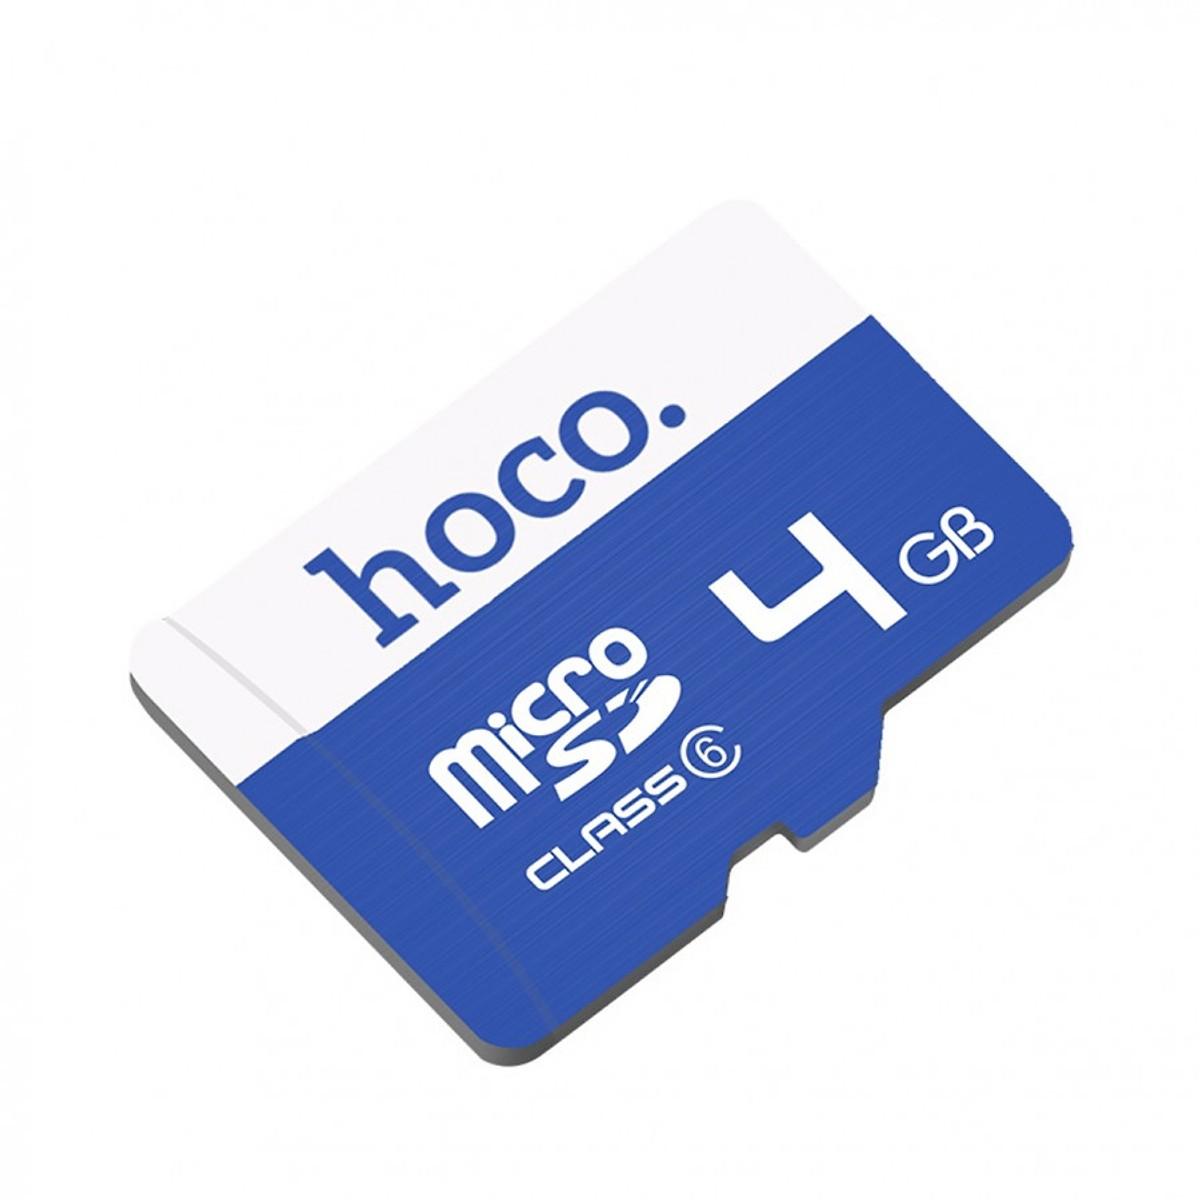 Hoco - Thẻ Nhớ Tốc Độ Cao TF Micro-SD 4Gb 8Gb 16Gb 32Gb 64Gb 128Gb - Chính Hãng